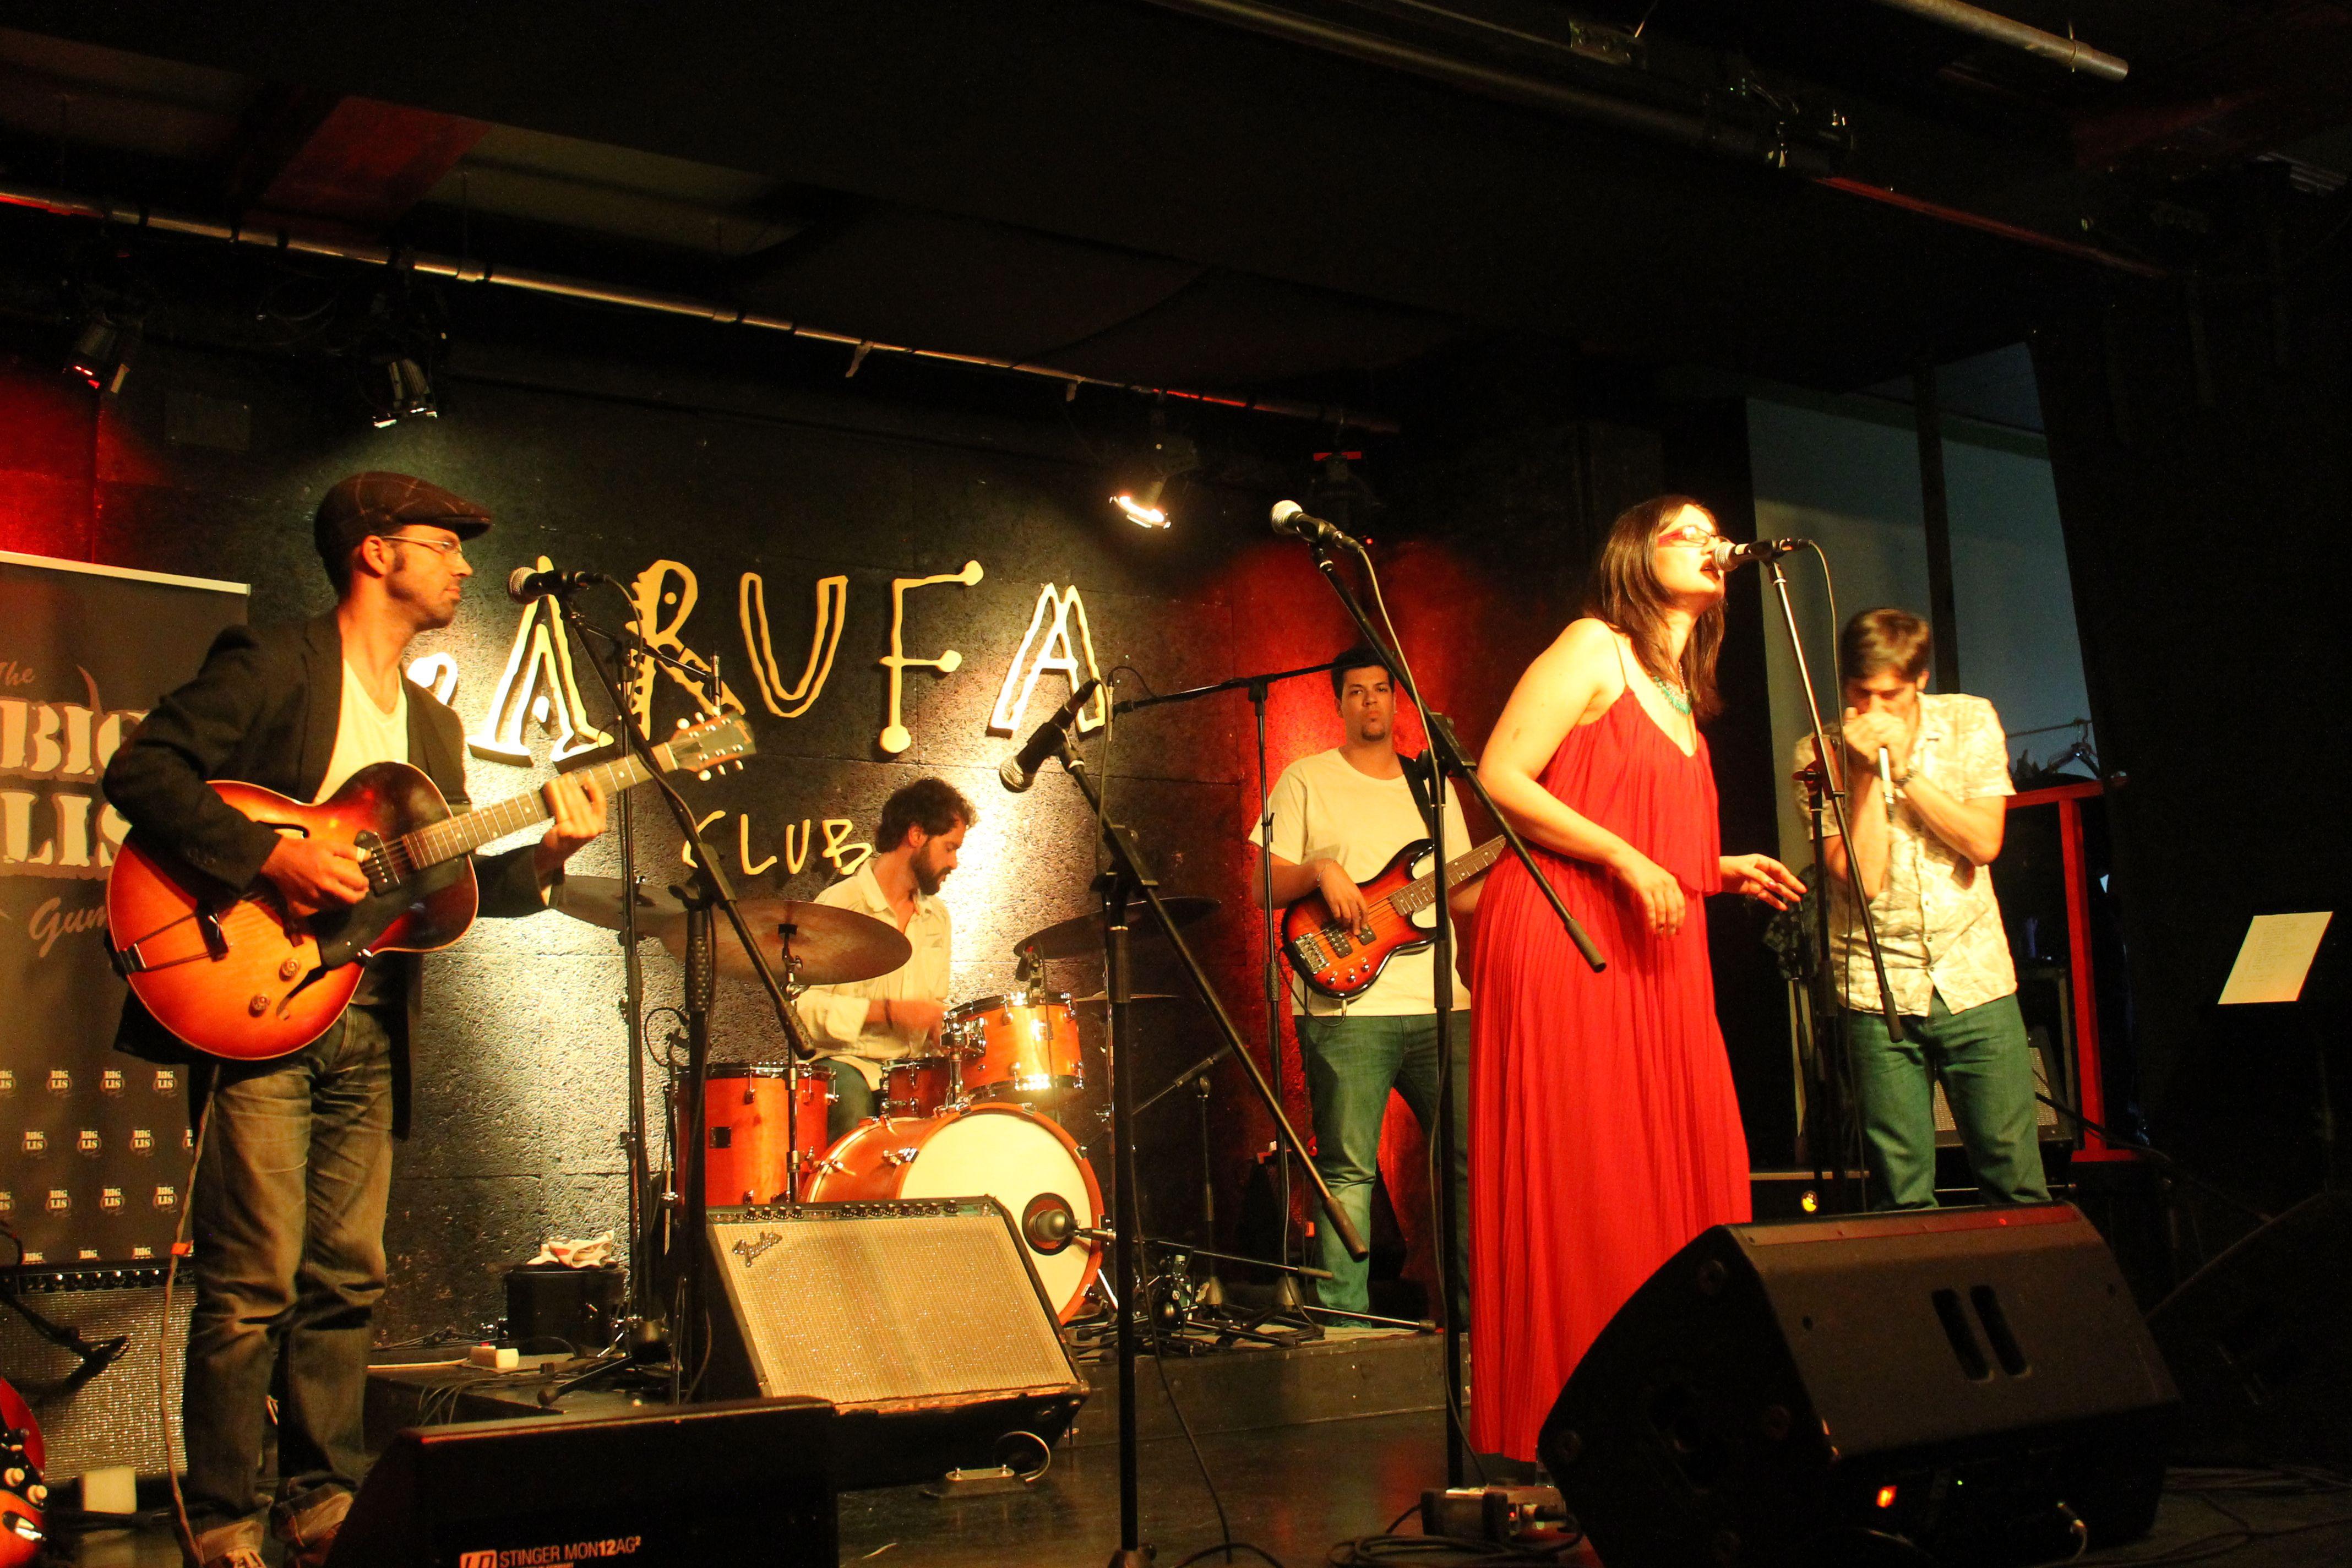 Crónica Edu Big Hands & Whiskey Tren + The Big Lis Gumbo Band. Garufa Club, A Coruña. 11 de julio de 2015.